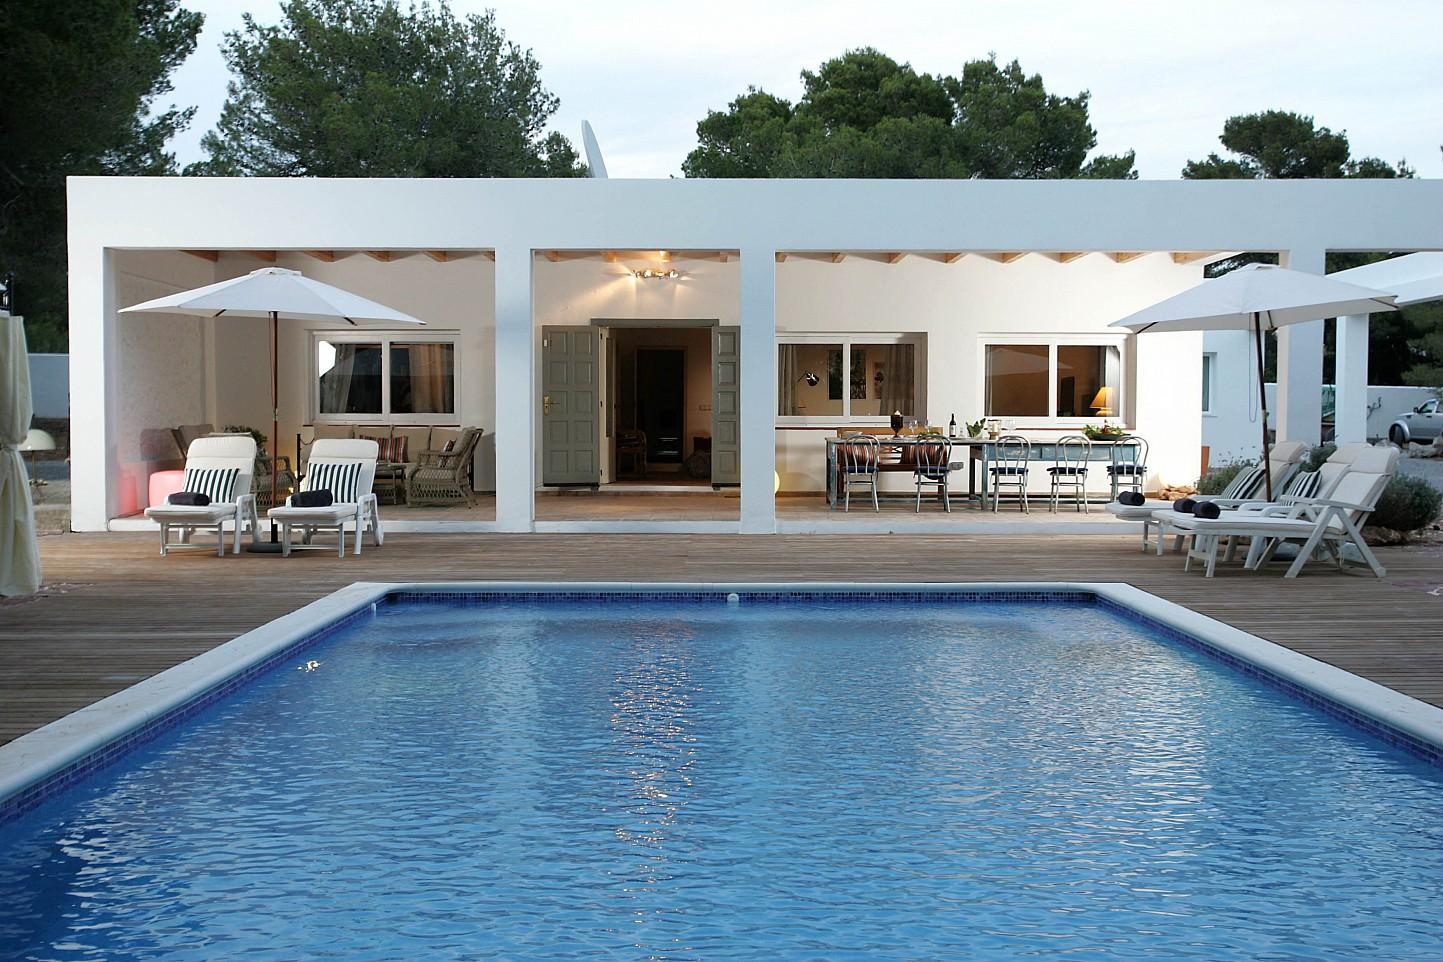 Vistes exteriors del porxo i la gran piscina